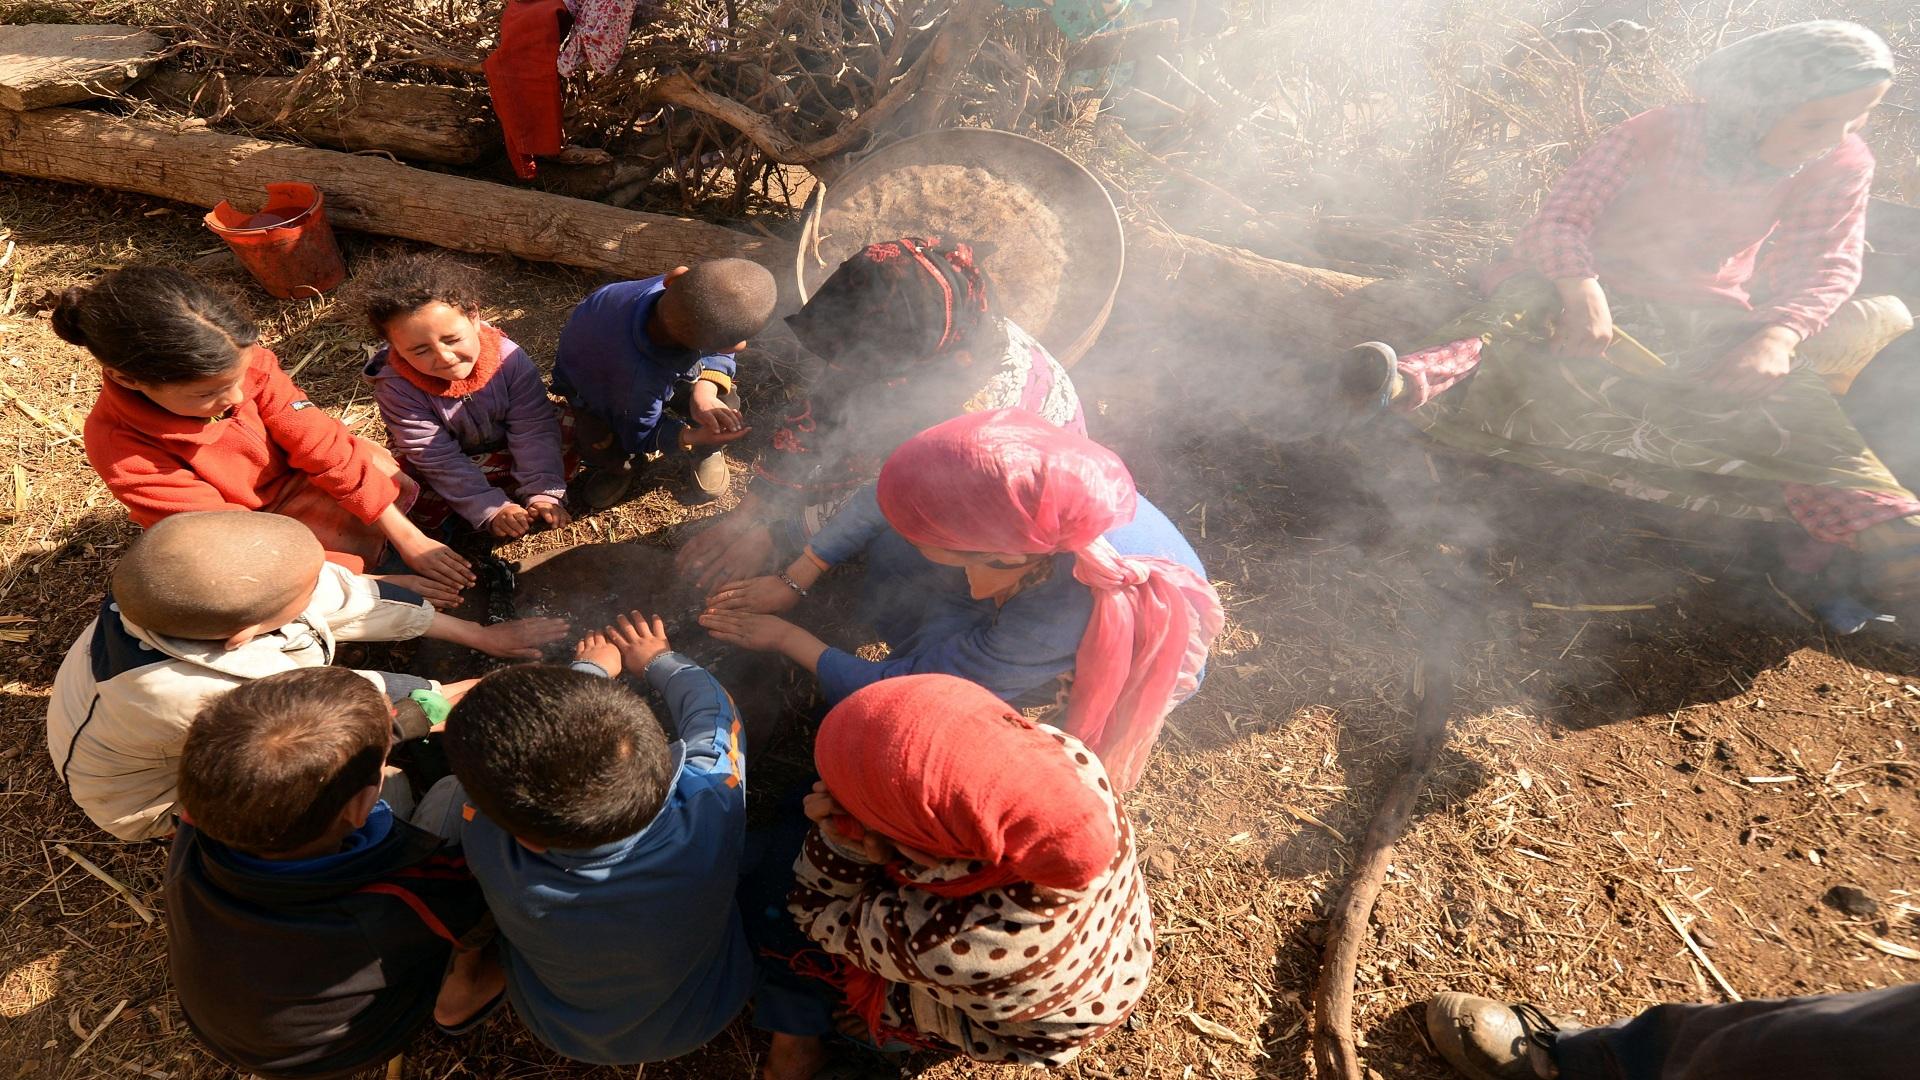 فاعل جمعوي لمشاهد24: مبادرات المؤثرين الافتراضيين بمناطق المغرب العميق تحدث